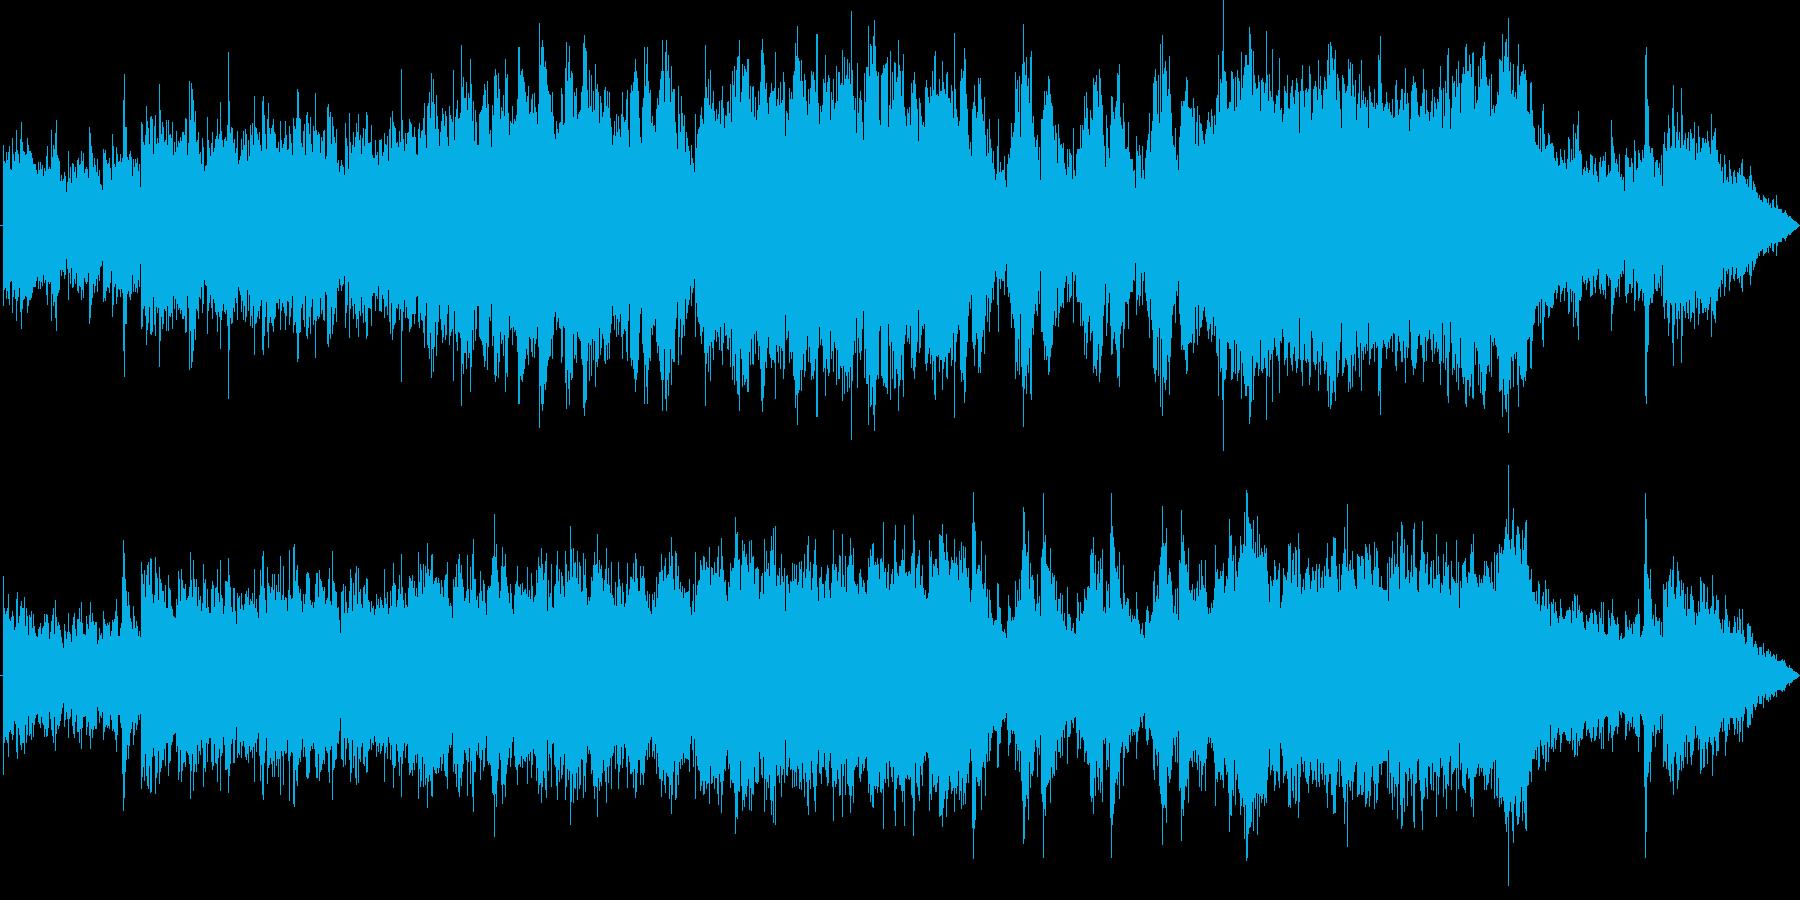 武装した軍隊が迫り来る様な打楽器中心の曲の再生済みの波形